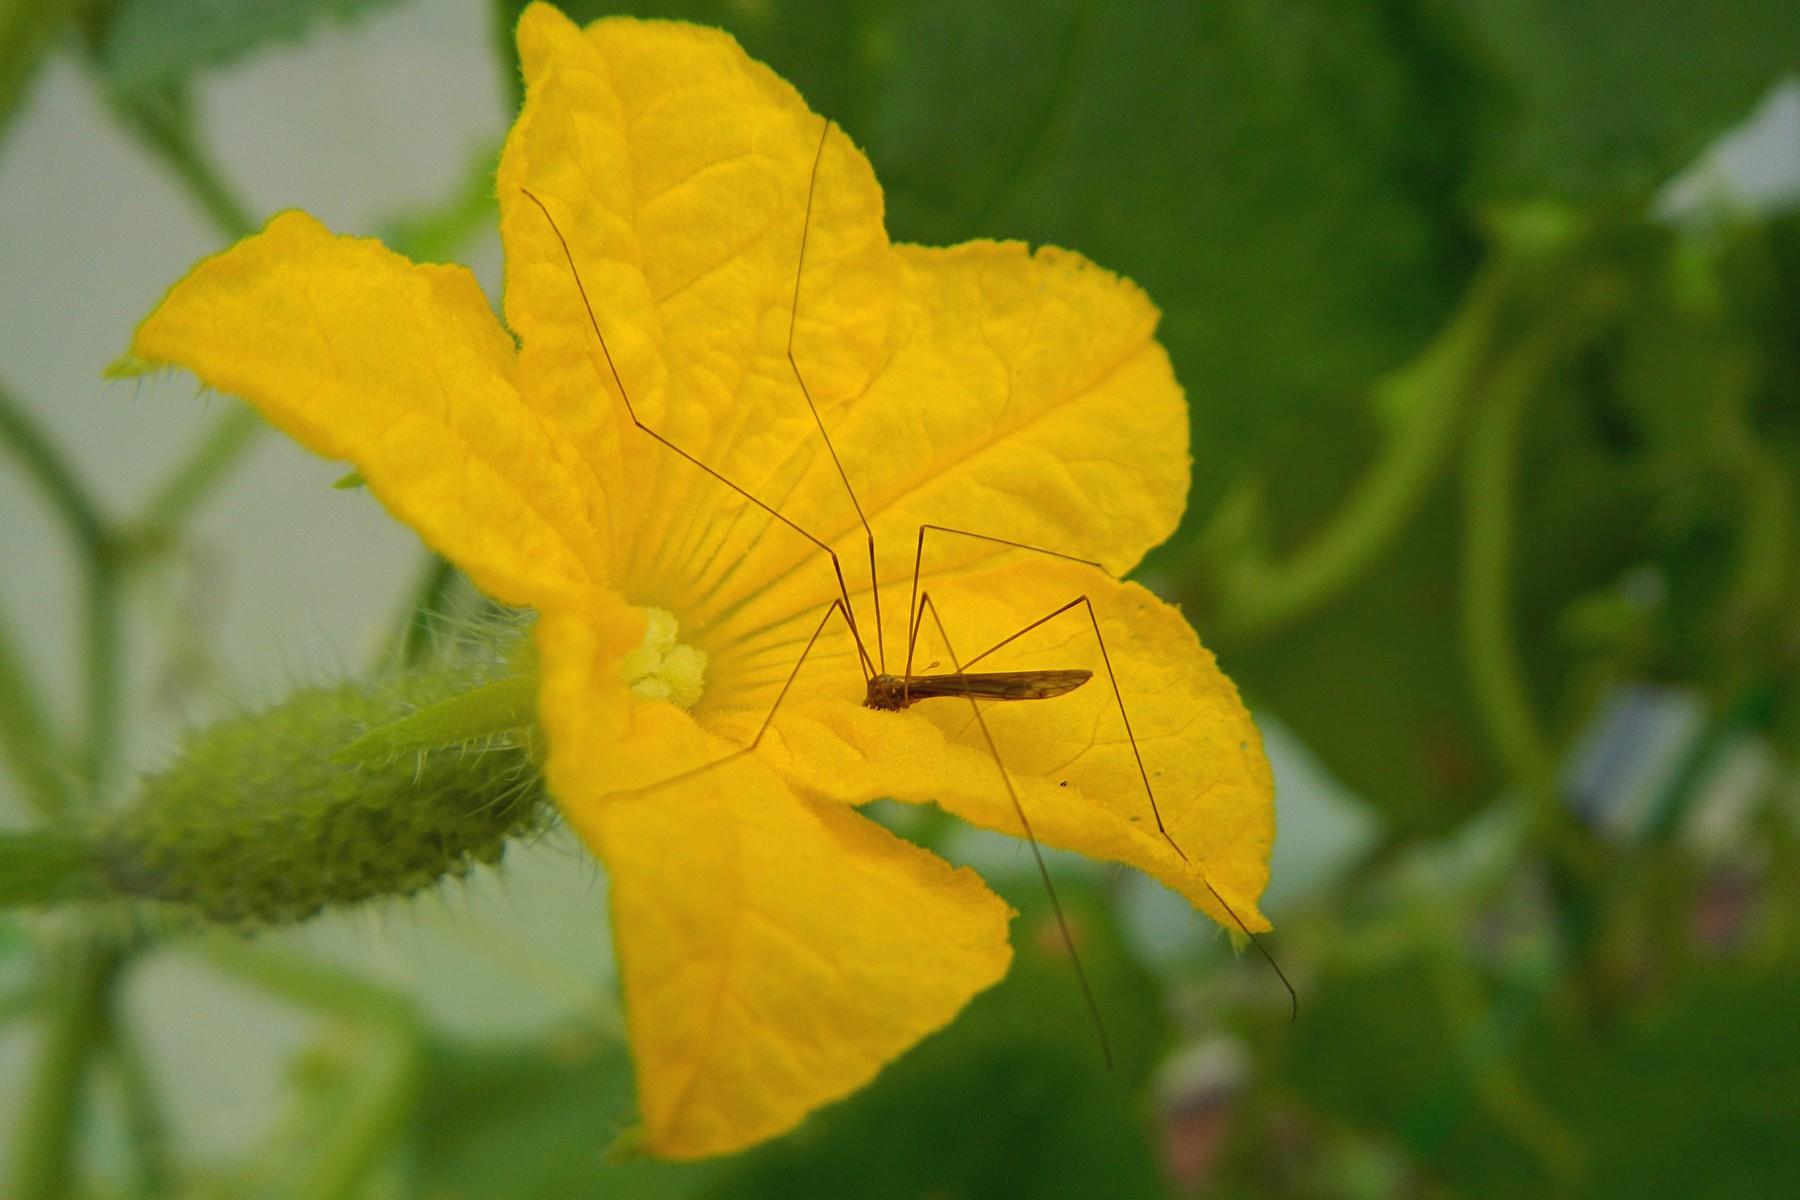 Комар-долгоножка обедает цветочным нектаром